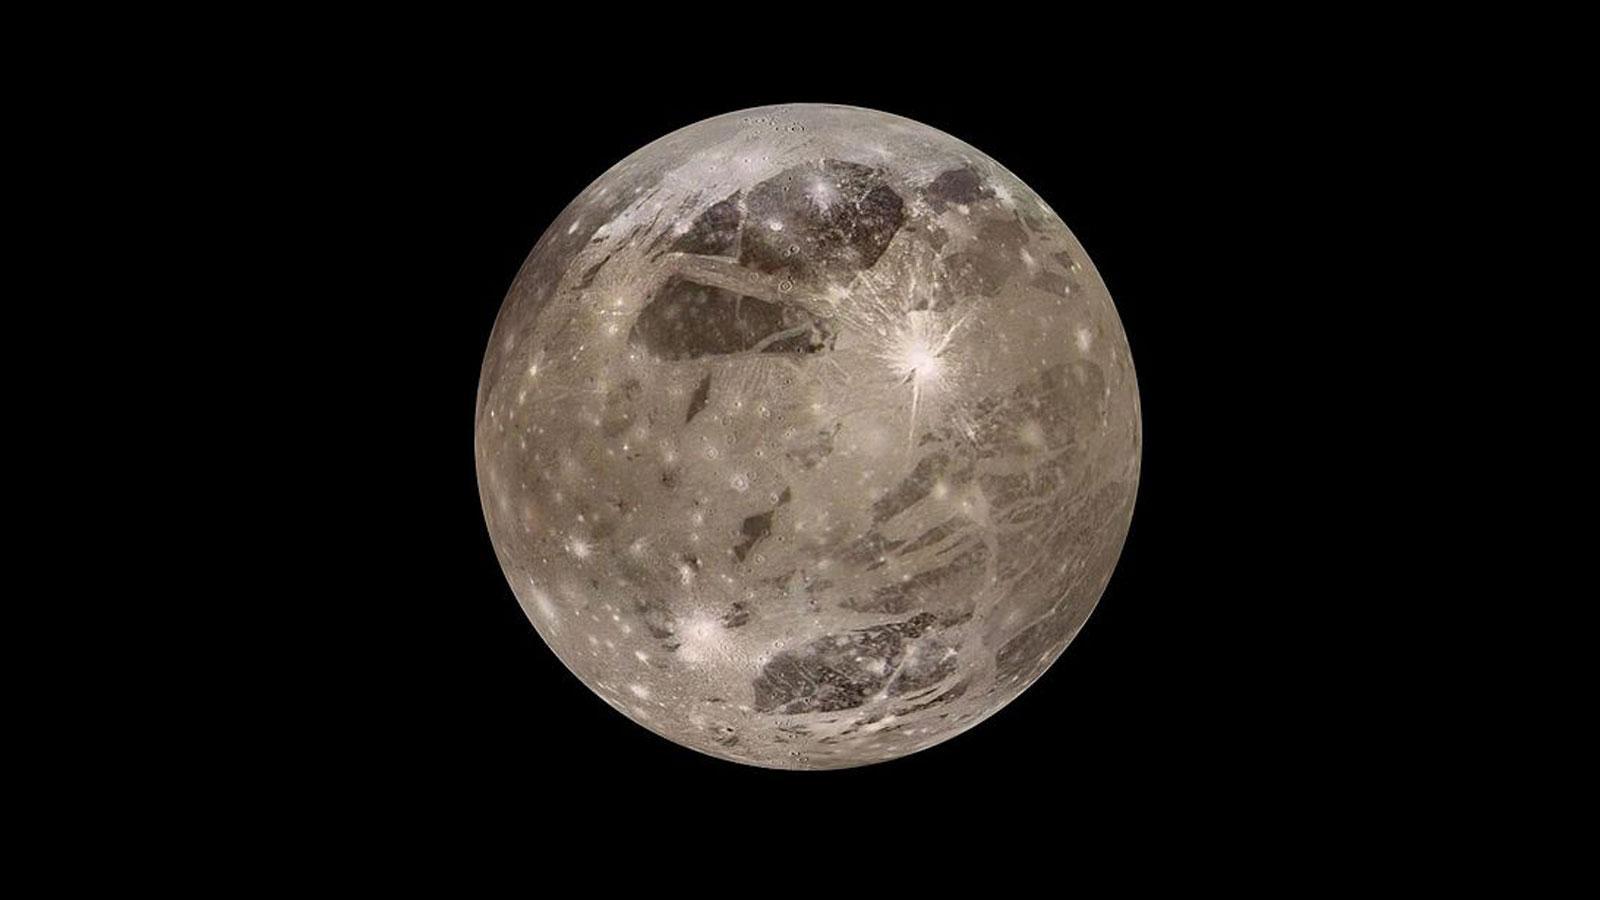 «Хаббл» подтвердил наличие водяного пара в атмосфере Ганимеда